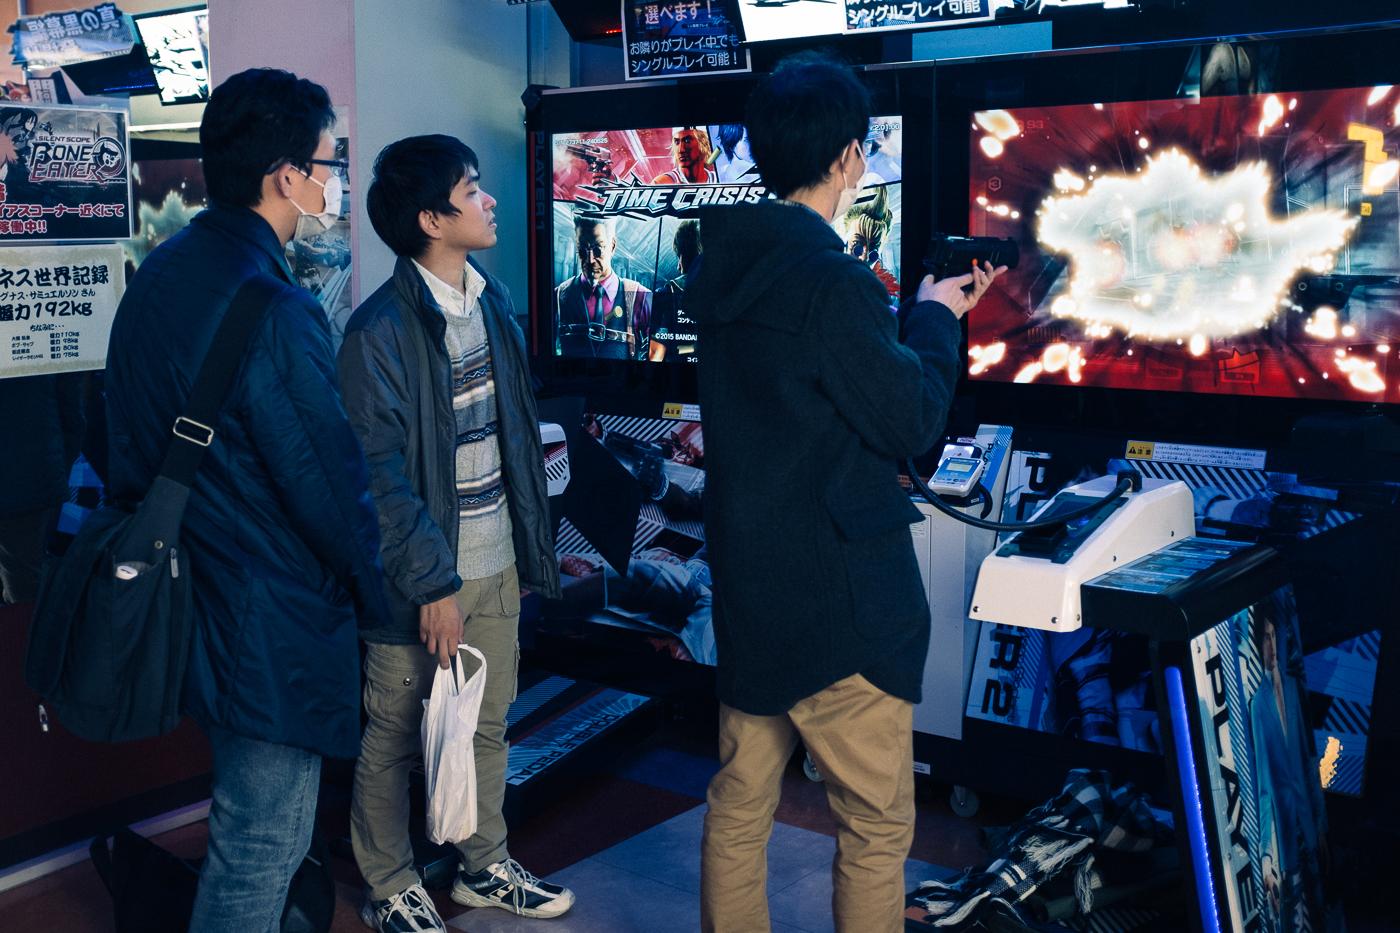 Des jeunes passent la soirée à jouer à des jeux vidéos à Akihabara